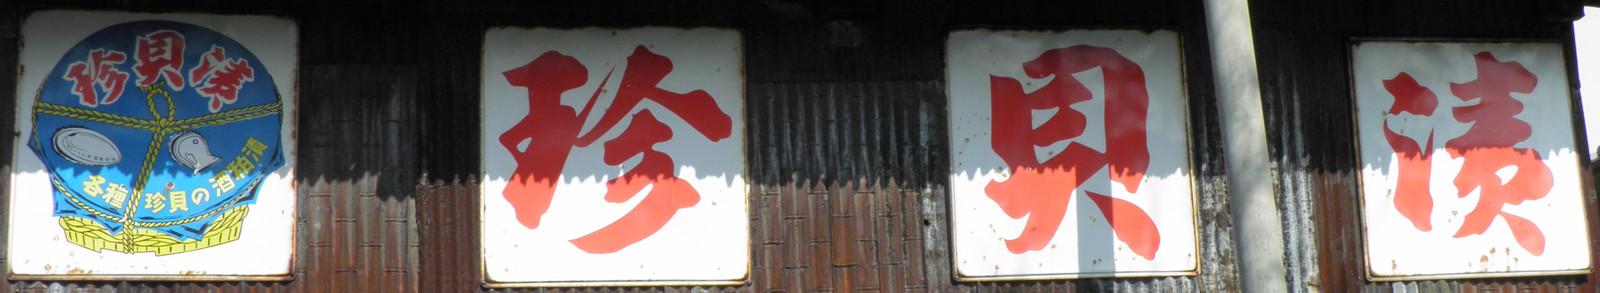 Chinkai